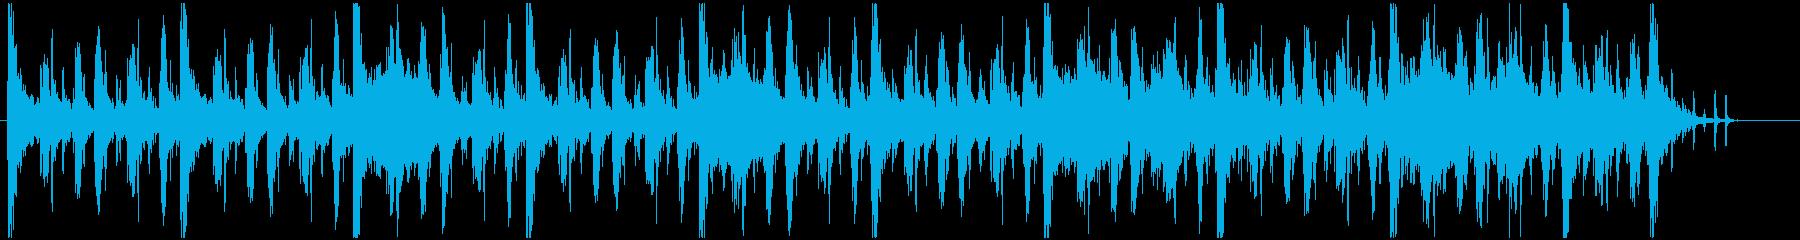 ワクワクドキドキ冒険BGMの再生済みの波形